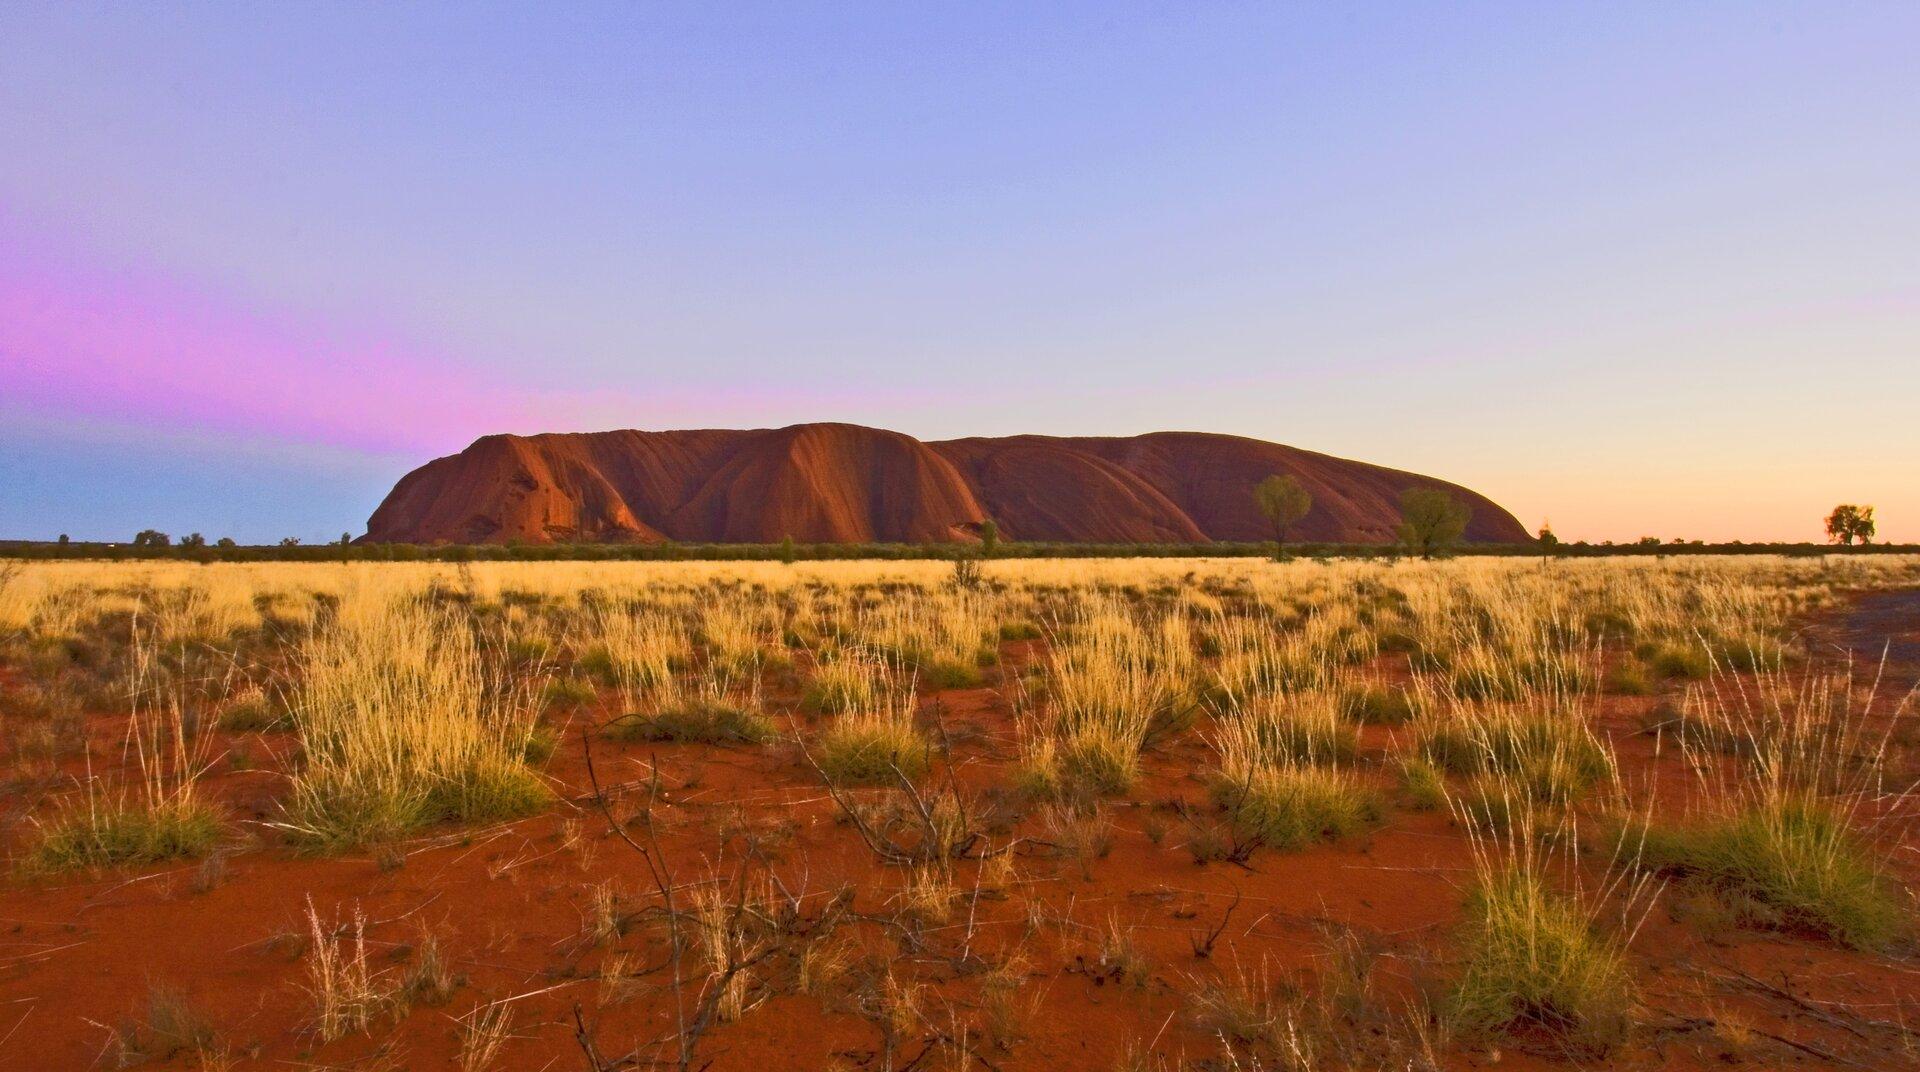 Fotografia prezentuje dużą otwartą przestrzeń porośniętą żóto-zielonymi kępami trawy. Na środku linii horyzontu znajduje się olbrzymia skała koloru brązowoczerwonego.